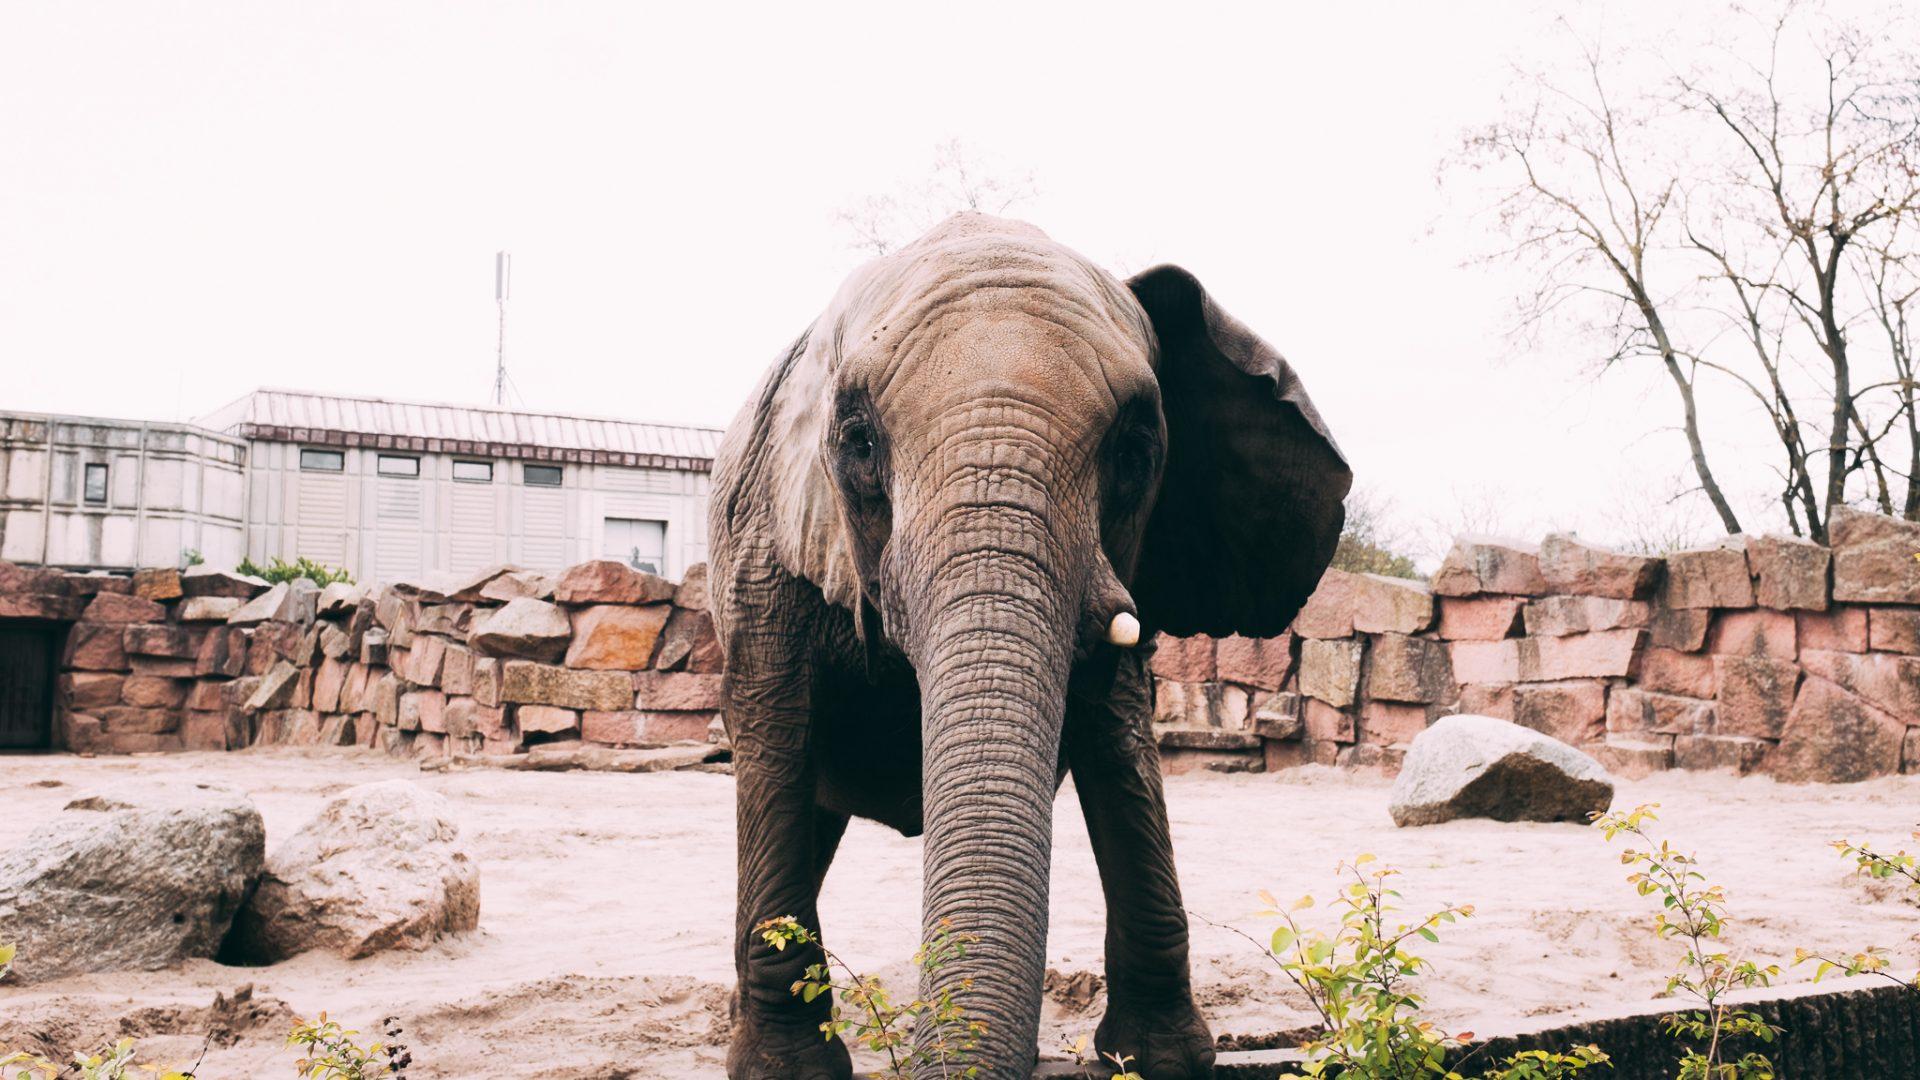 """Tag 306 - Elefant // """"Du magst den wilden Elefanten zähmen, des Bären und des Tigers Rachen schließen, auf einem Löwen reiten und mit einer Kobra spielen, durch Alchemie dein Brot verdienen; du magst das Universum unerkannt durchwandern, die Götter dir zu Sklaven machen, ewig jung erscheinen, magst übers Wasser wandeln und im Feuer nicht verbrennen: doch besser und weit schwerer ist es, die eigenen Gedanken zu beherrschen."""" -Meister Thayumanavar"""